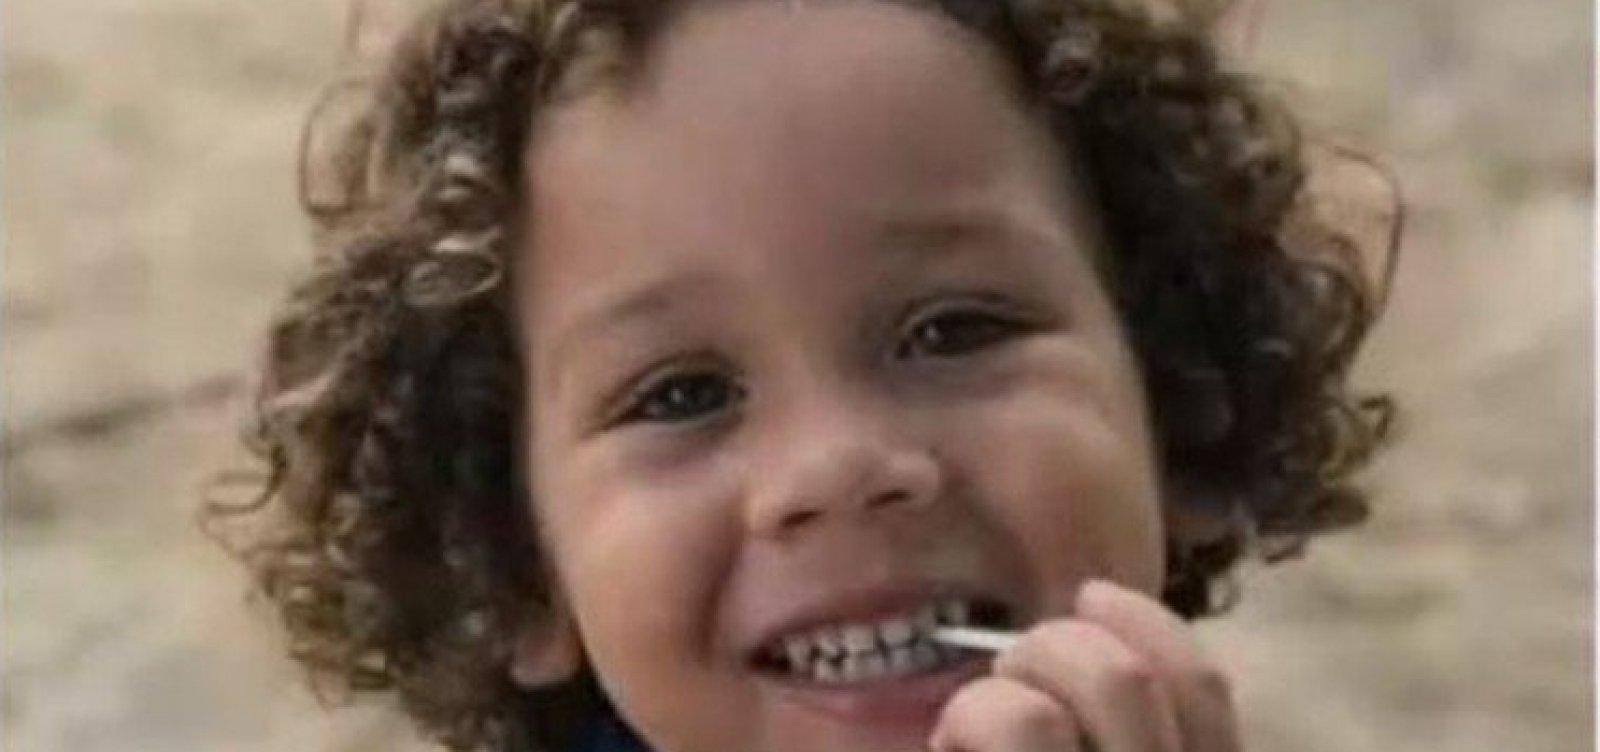 Polícia identifica mulher que atropelou e matou criança de 4 anos em Pau Brasil